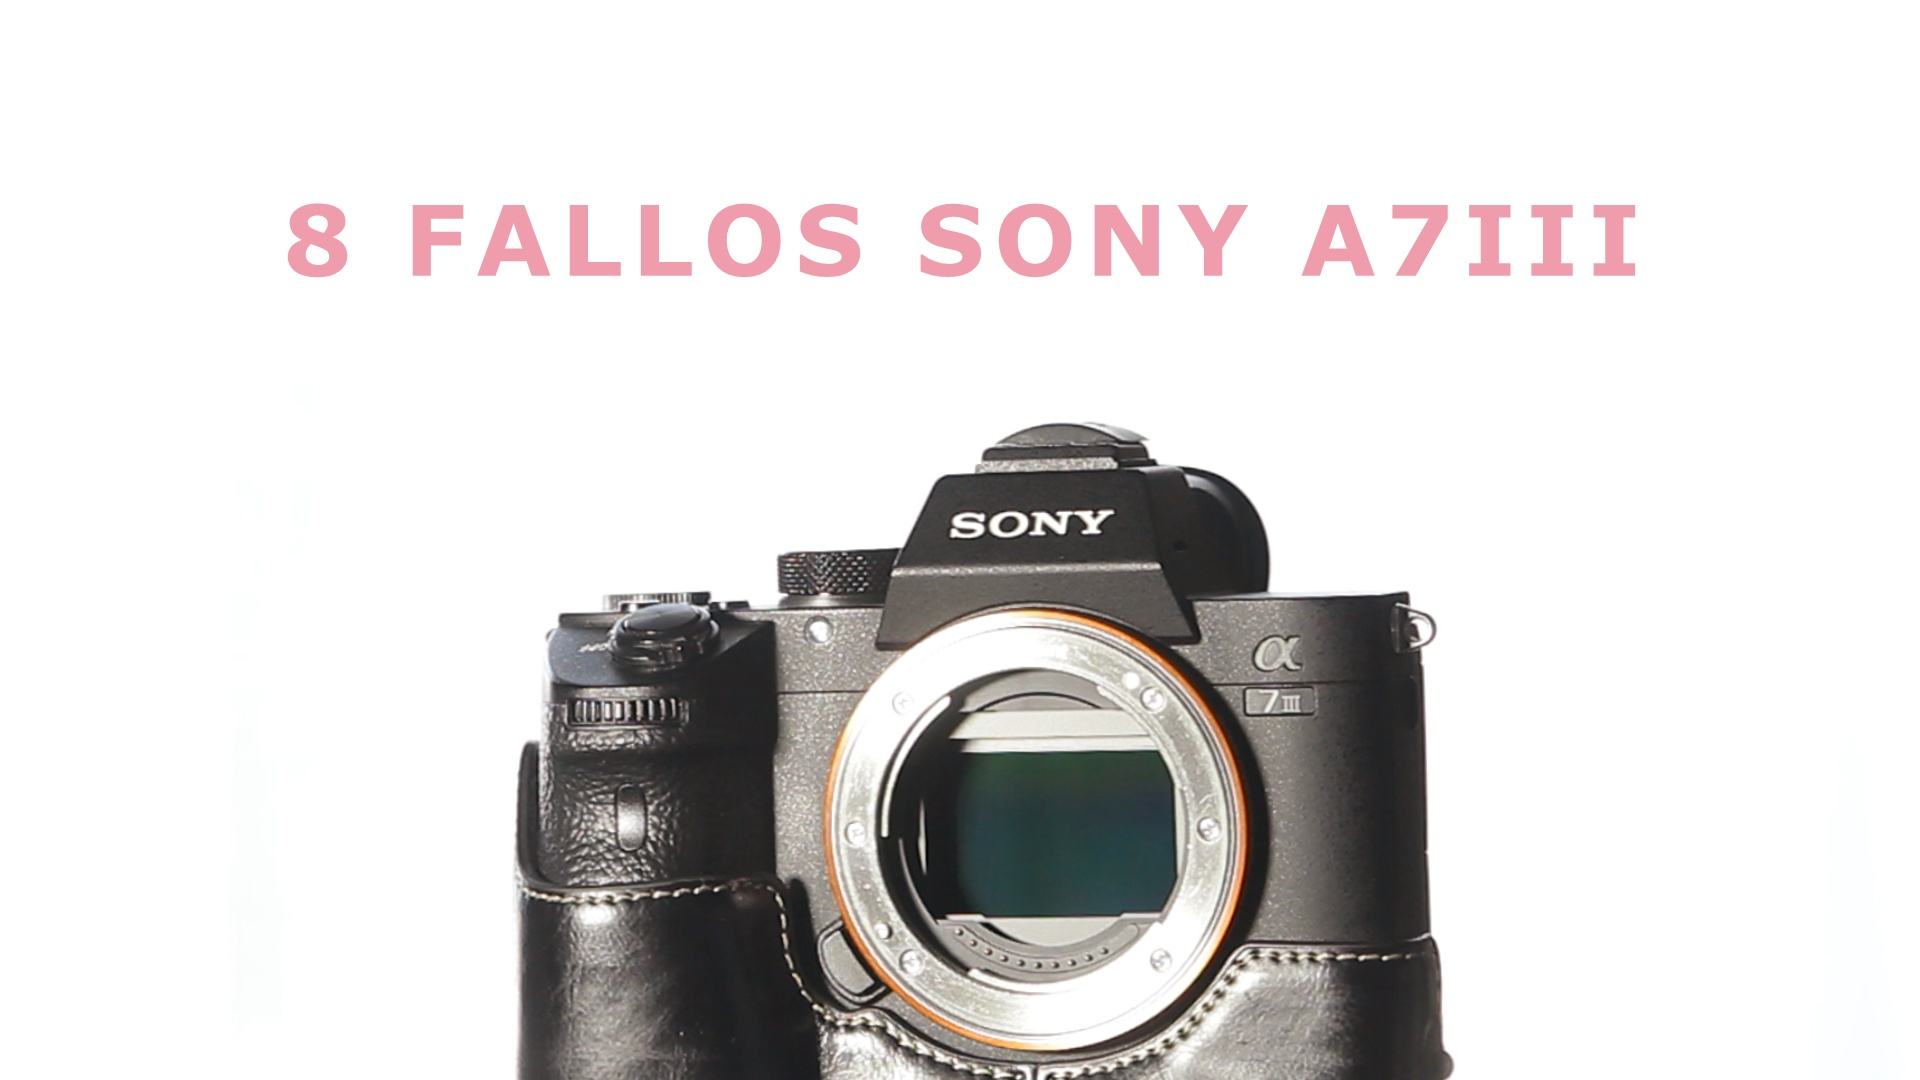 Ocho fallos Sony A7III